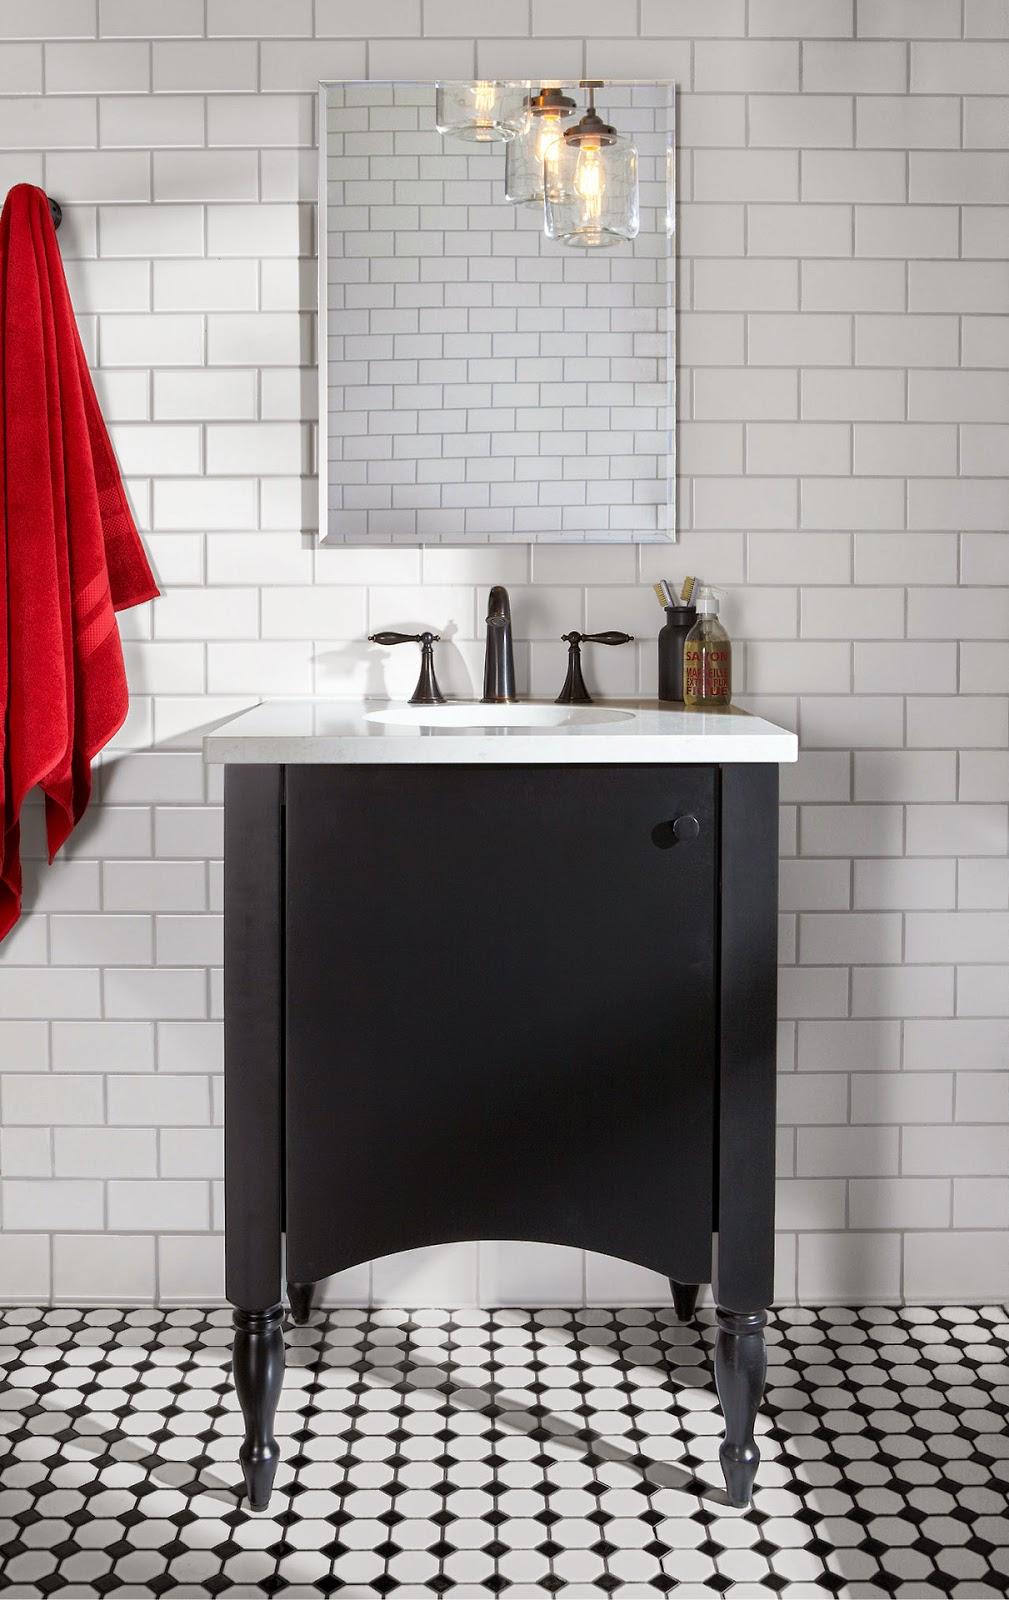 Vẫn là cảm hứng từ giai điệu đen & trắng, bộ sưu tập thứ hai tô điểm thêm sắc đỏ son môi, vẽ nên một không gian tắm phong cách Hoa Kỳ điển hình.